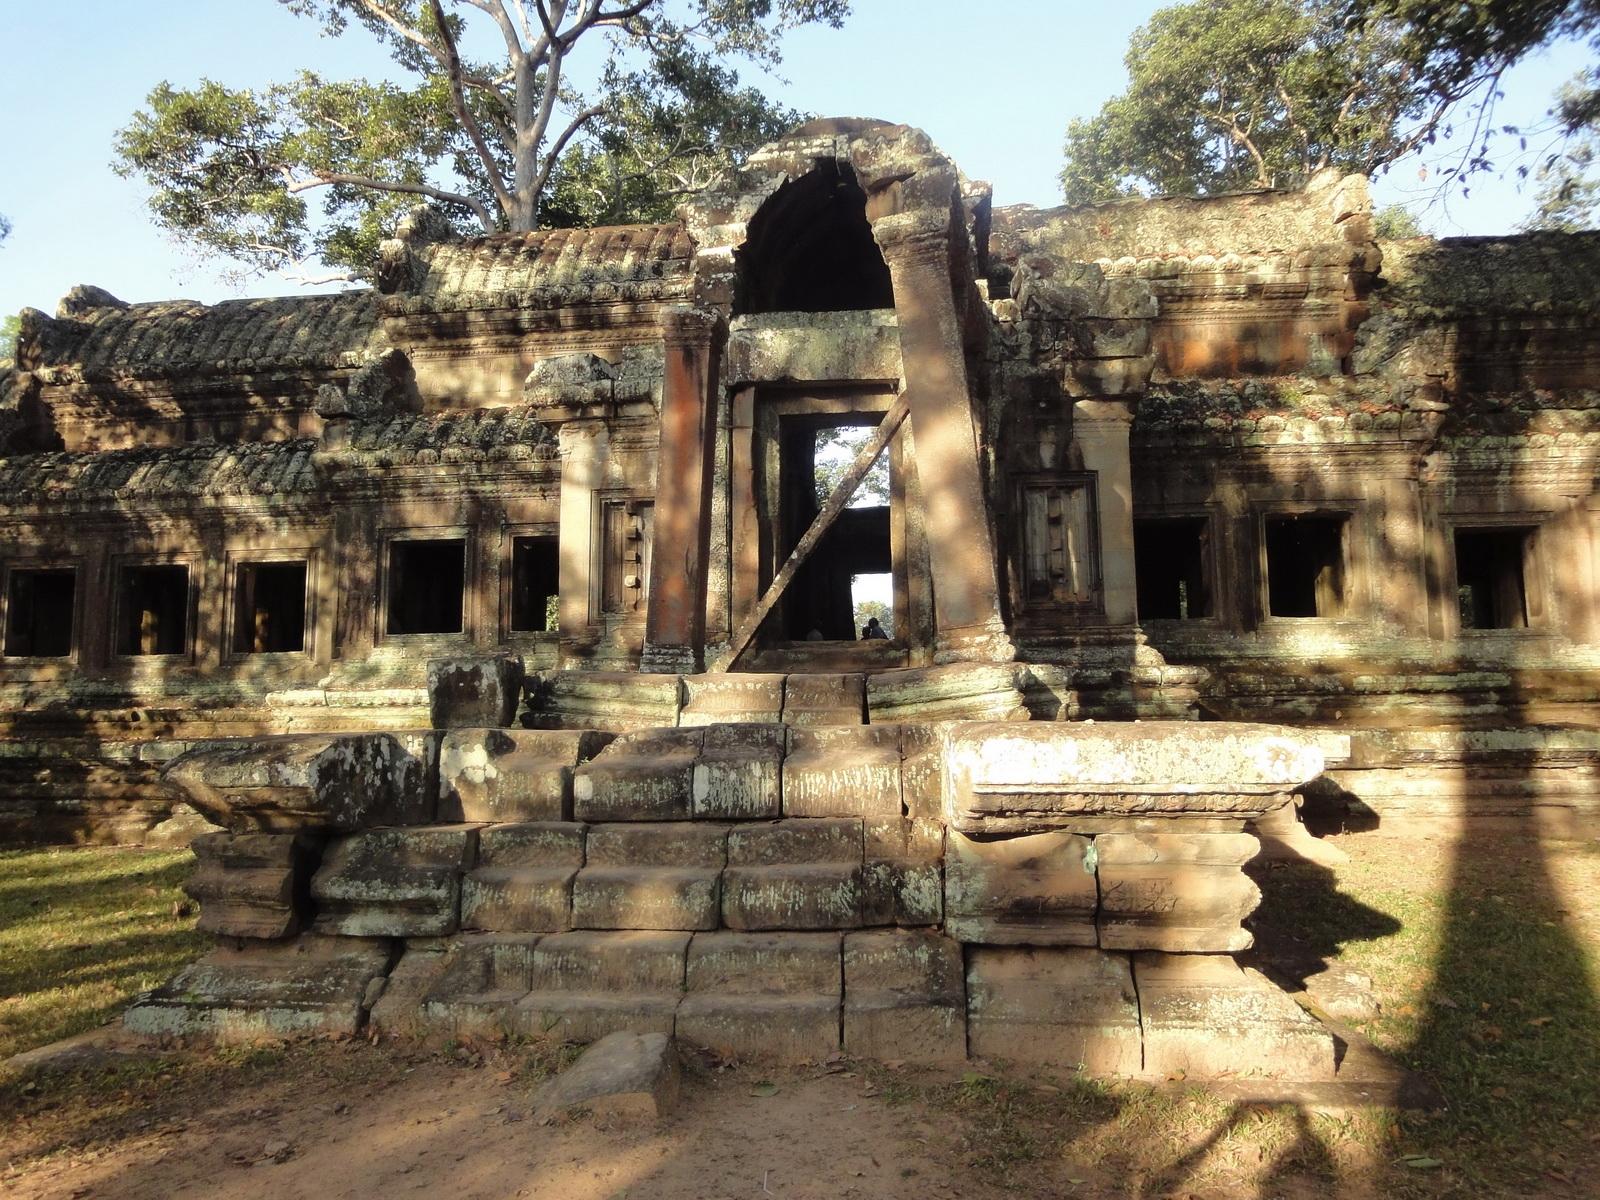 Angkor Wat approaches outer eastern Gopura Angkor Siem Reap 04